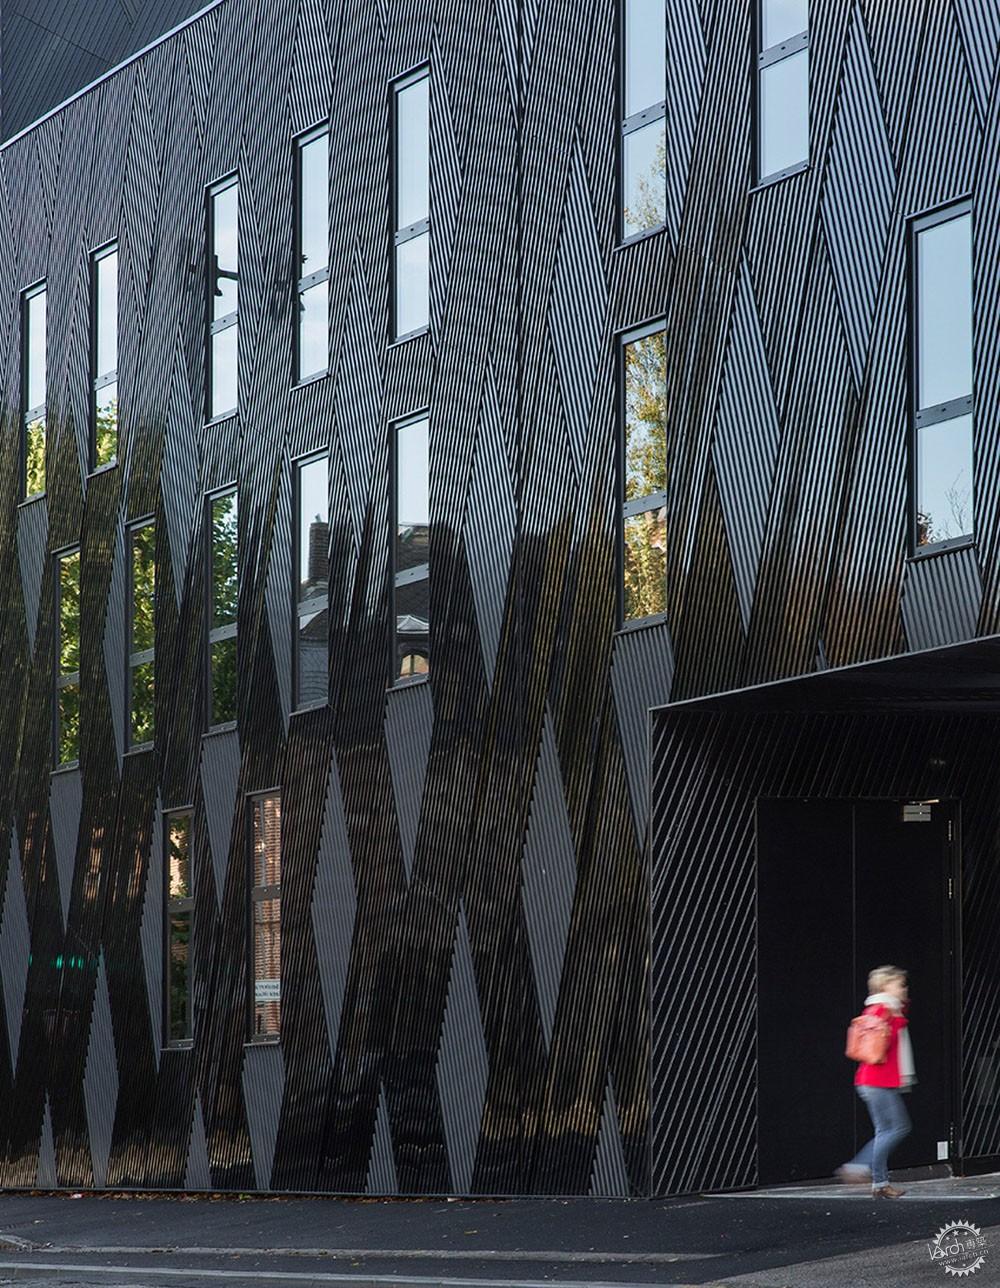 盘点2017年欧洲建筑奖首位女建筑师的8大设计作品第7张图片